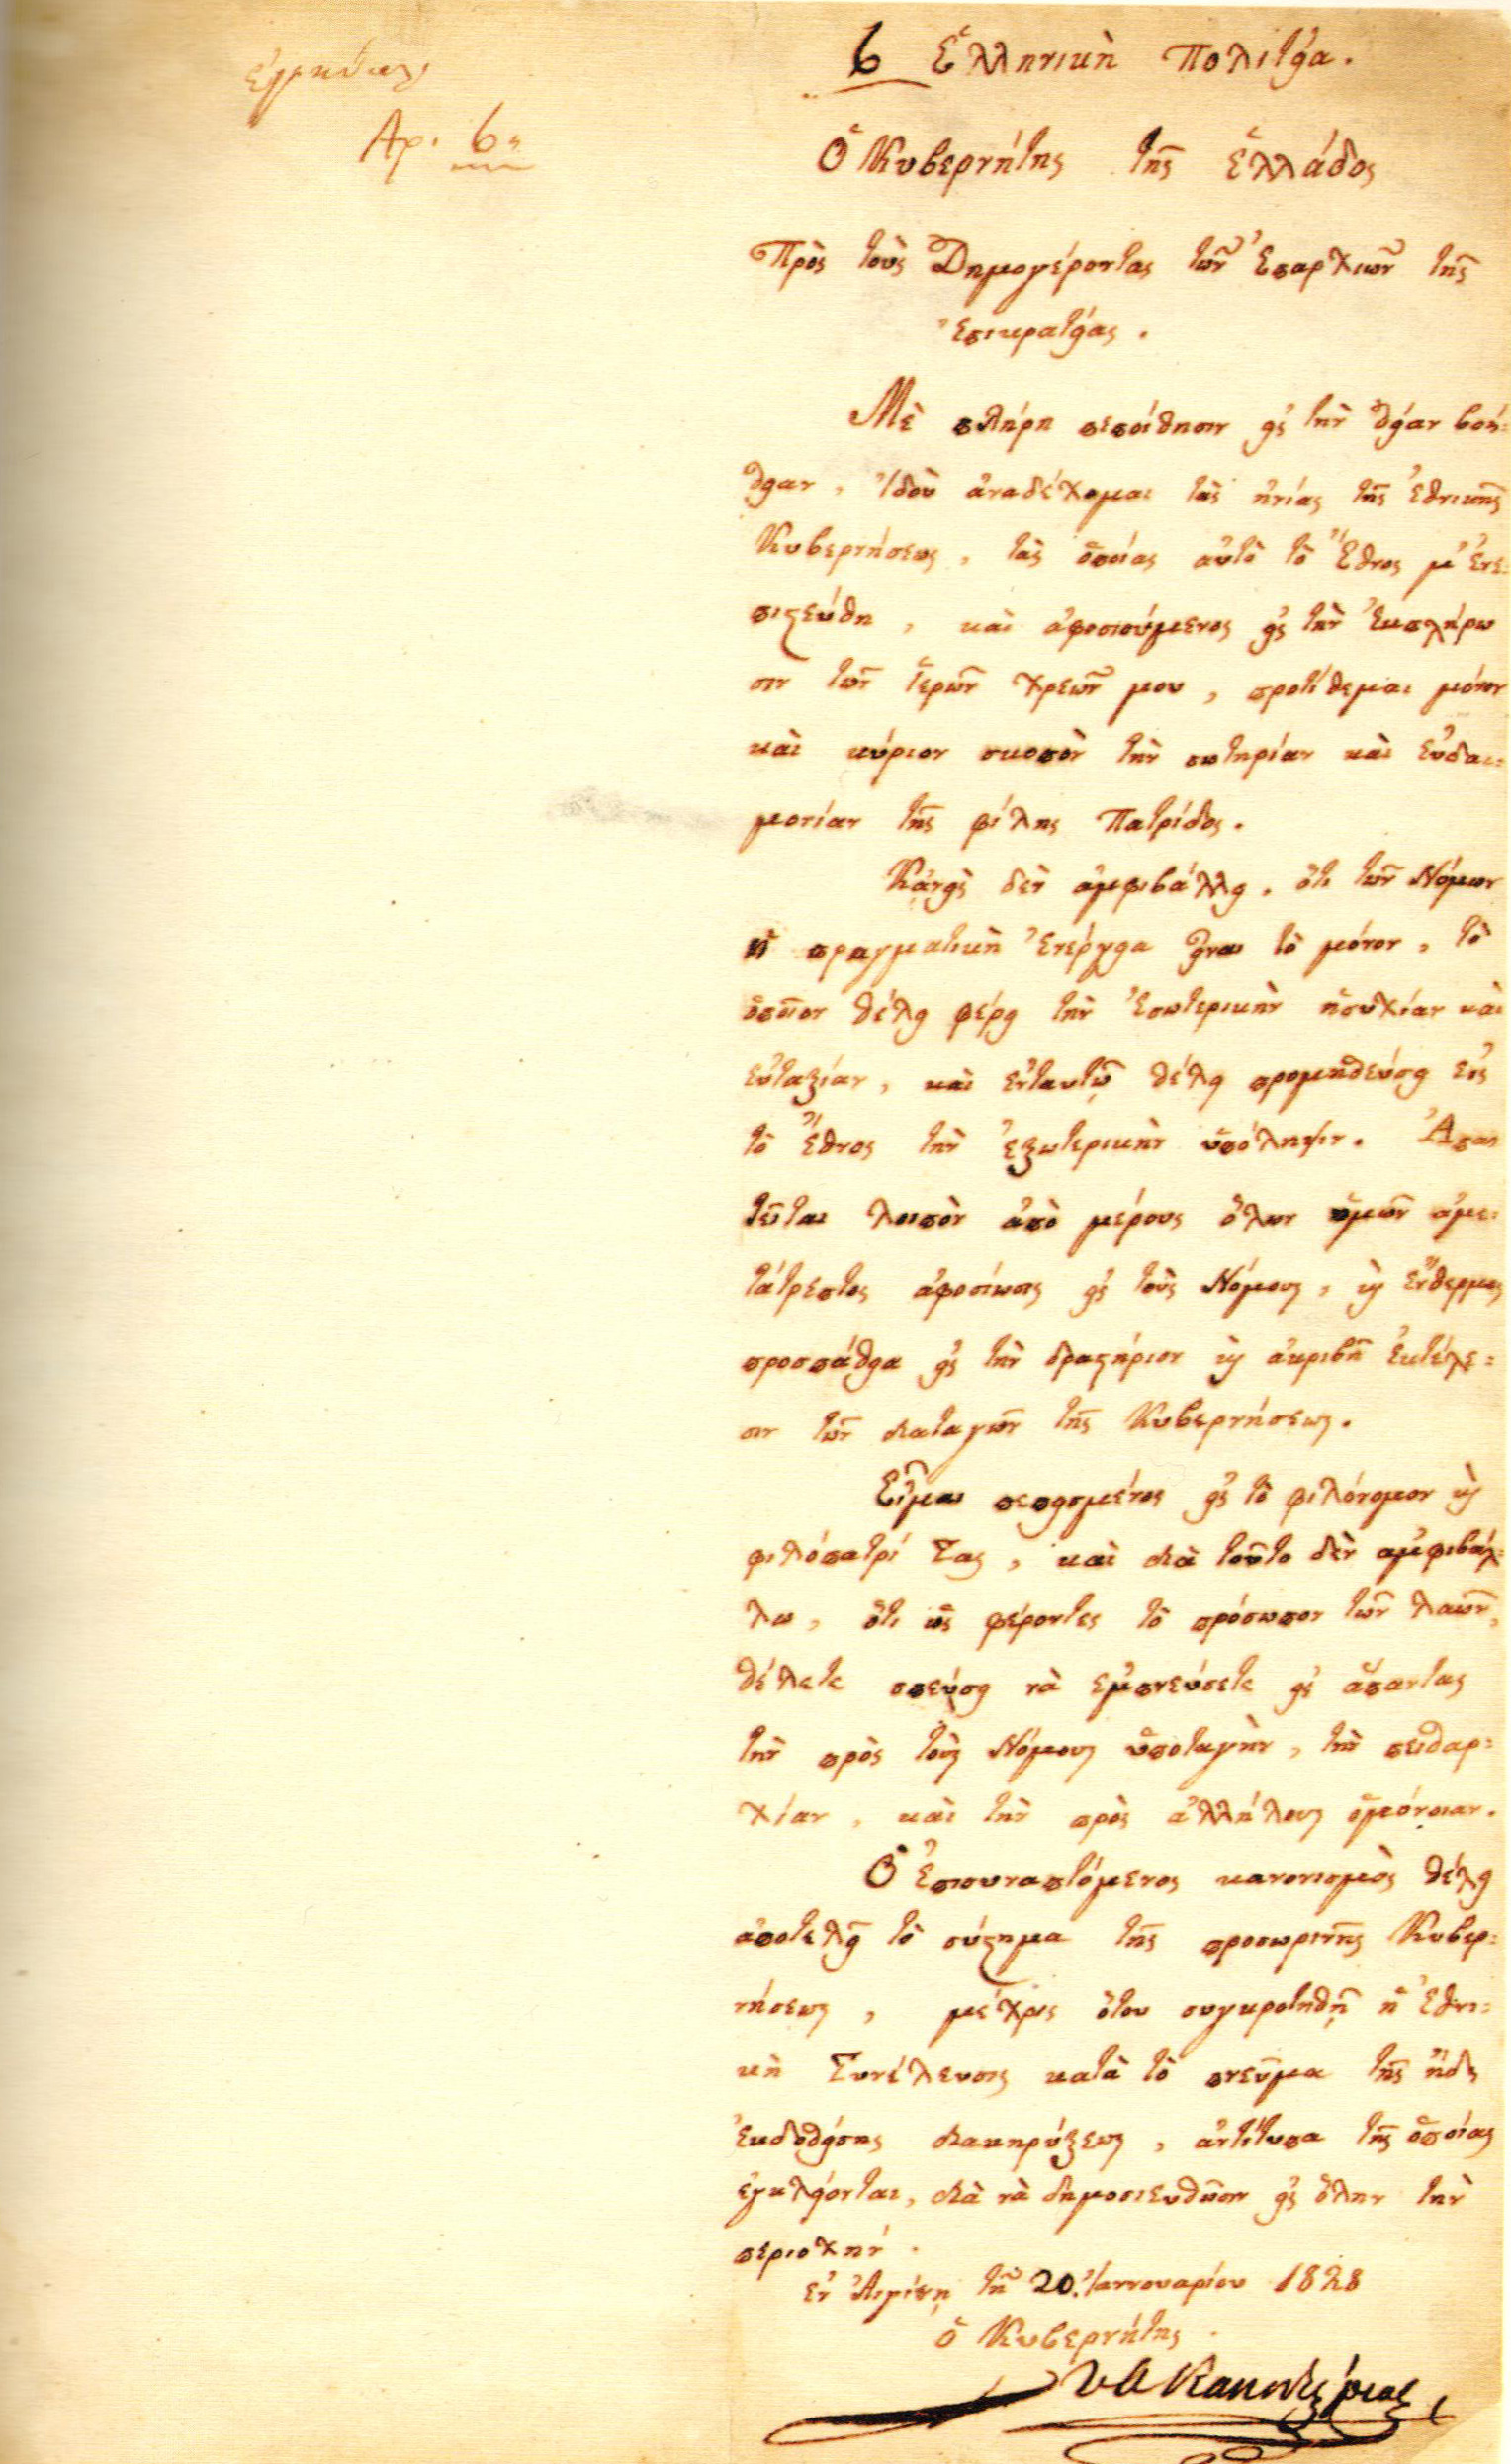 Αποδοχή από τον Ιωάννη Καποδίστρια της διακυβέρνησης της χώρας. Αίγινα 20 Ιανουαρίου, 1828.